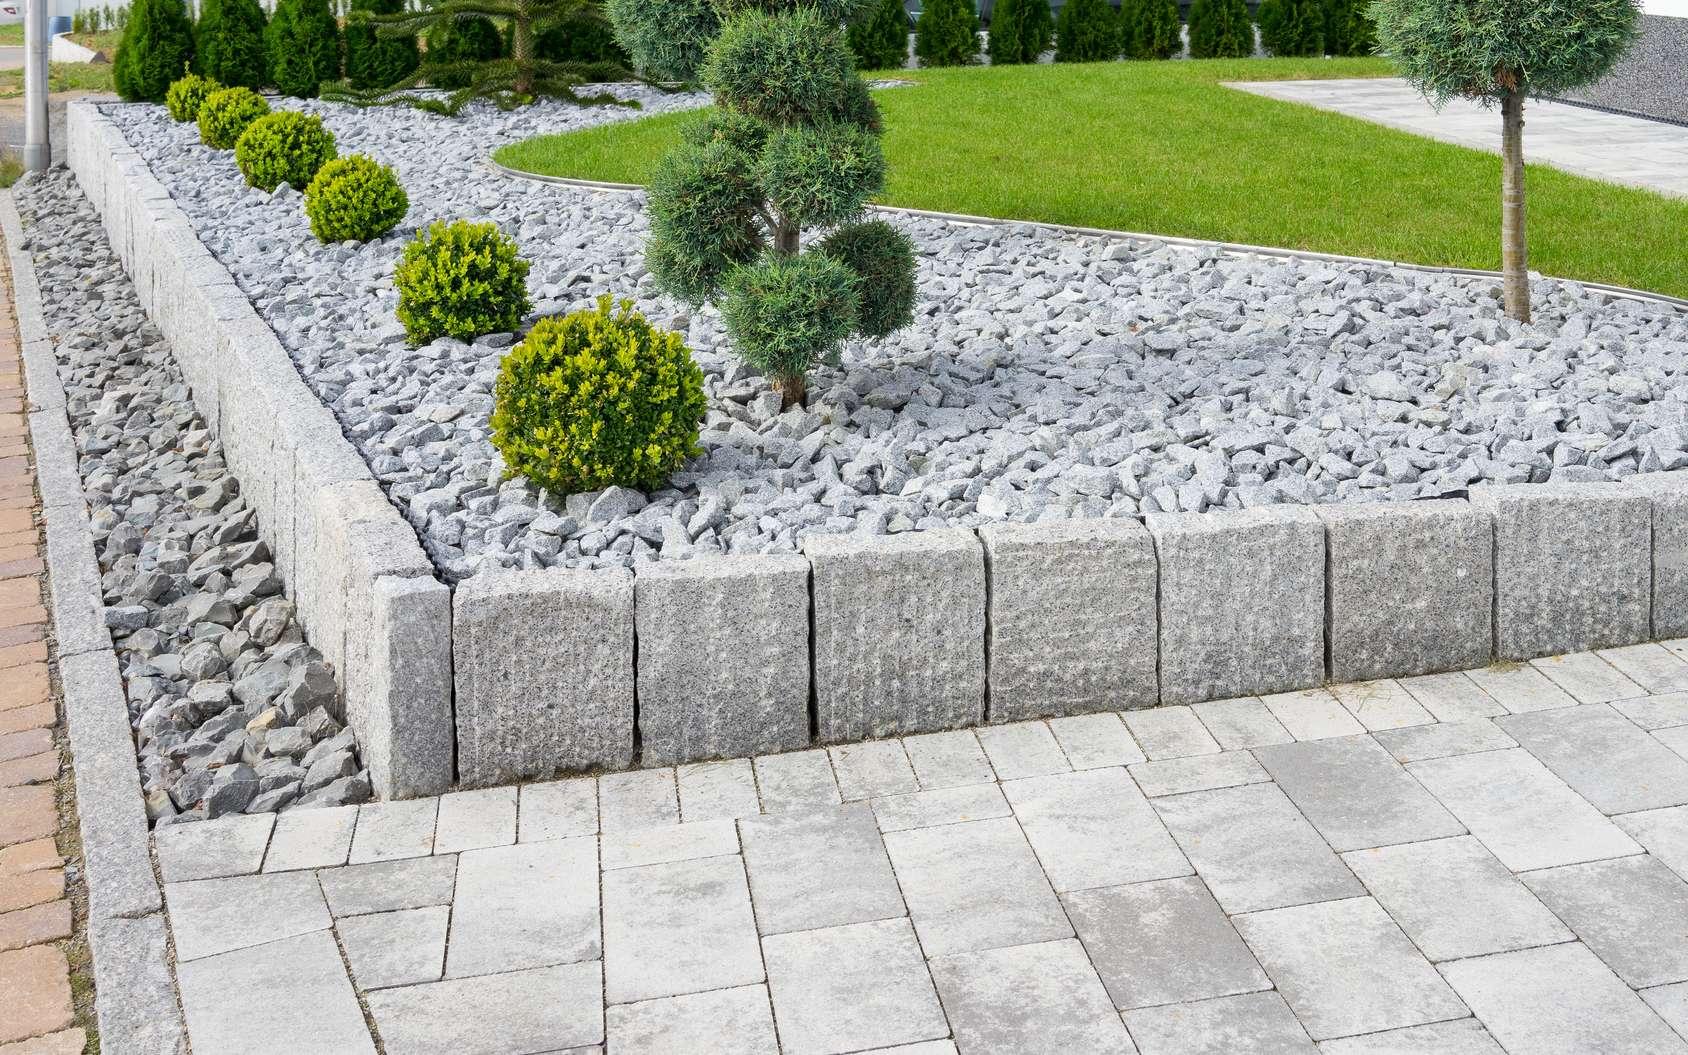 Comment Faire Une Rocaille Dans Un Jardin ? intérieur Grosse Pierre Decoration Jardin